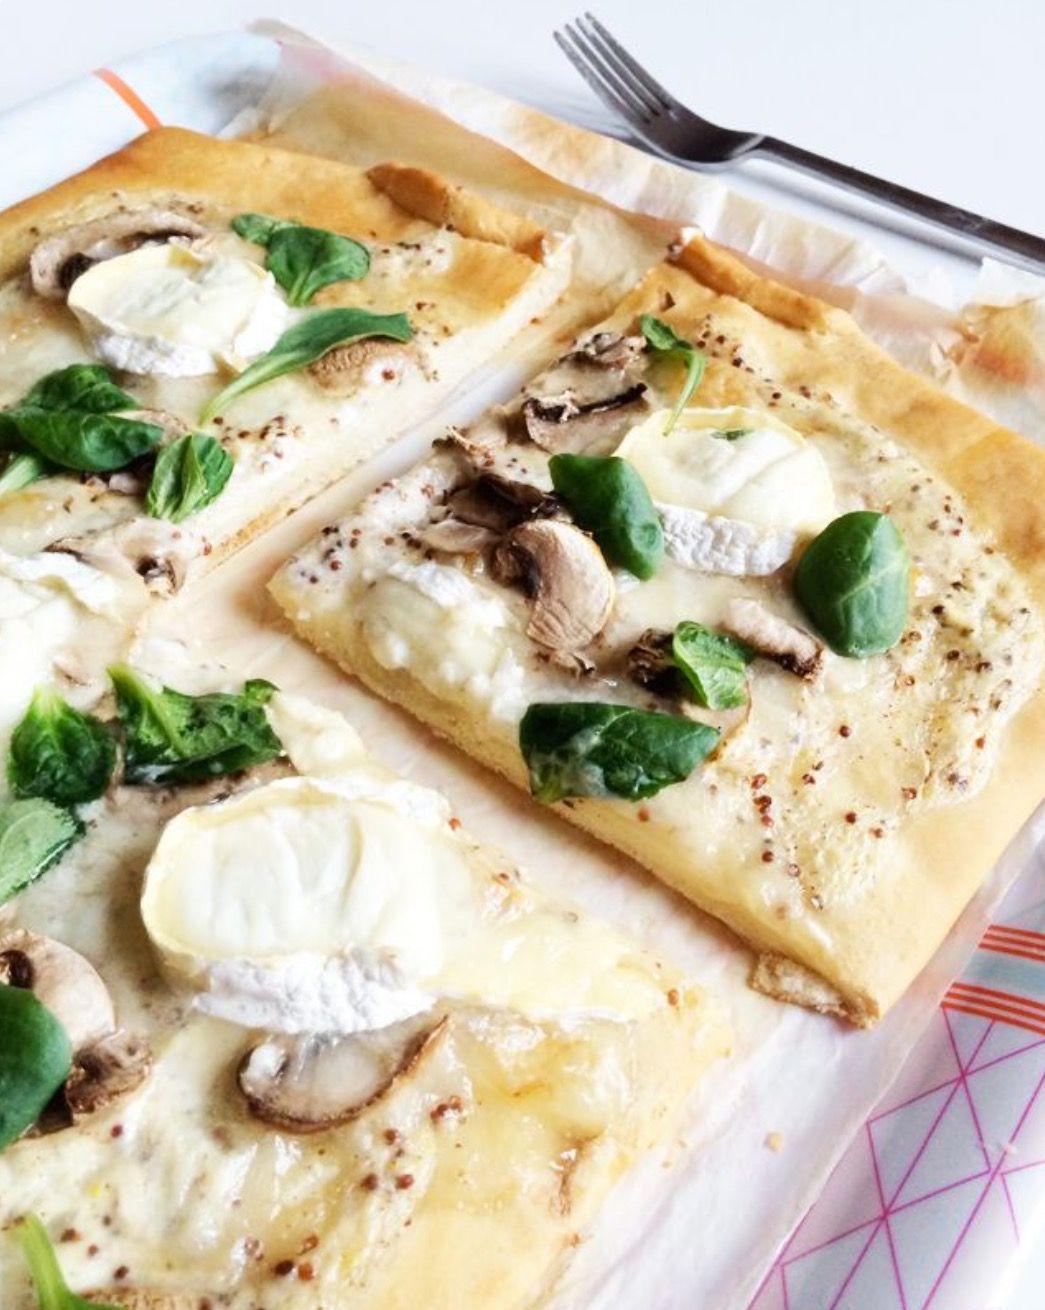 Pizza aux chèvres, miel, des champions avec de la moutarde à l'ancienne